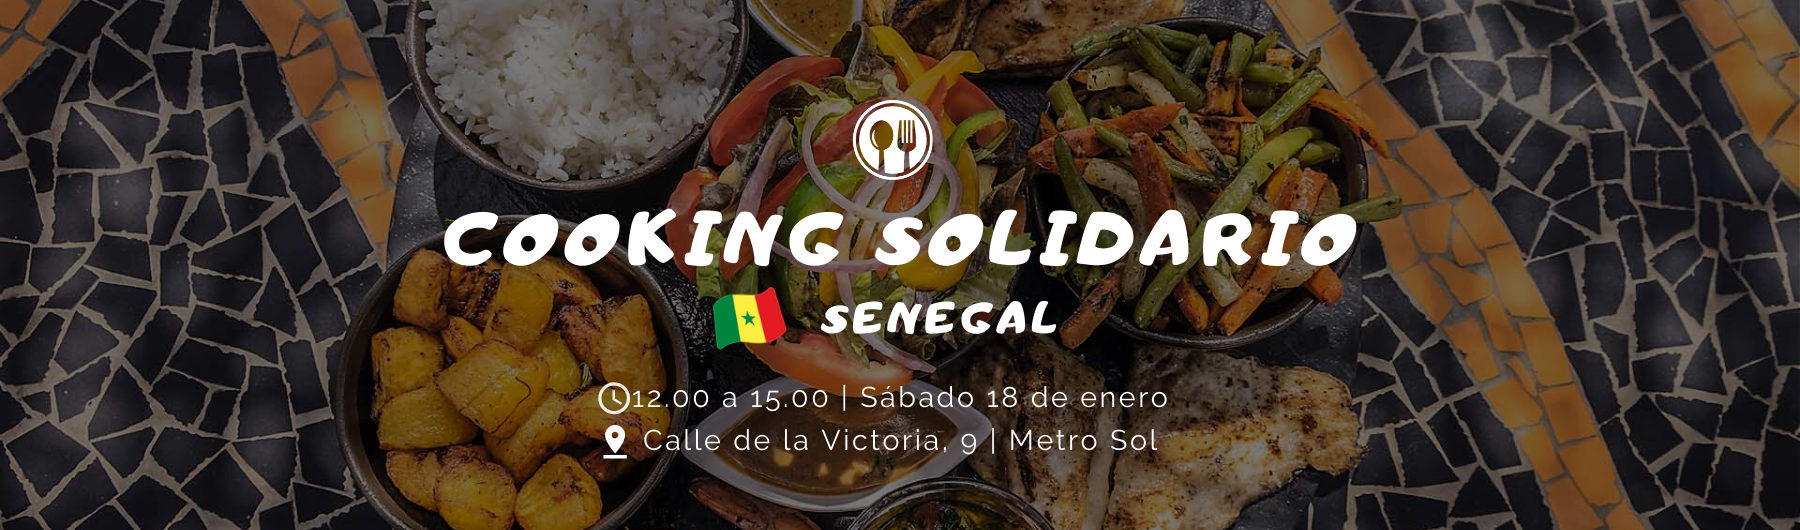 Clase de cocina solidaria senegalesa - 18 enero 2020